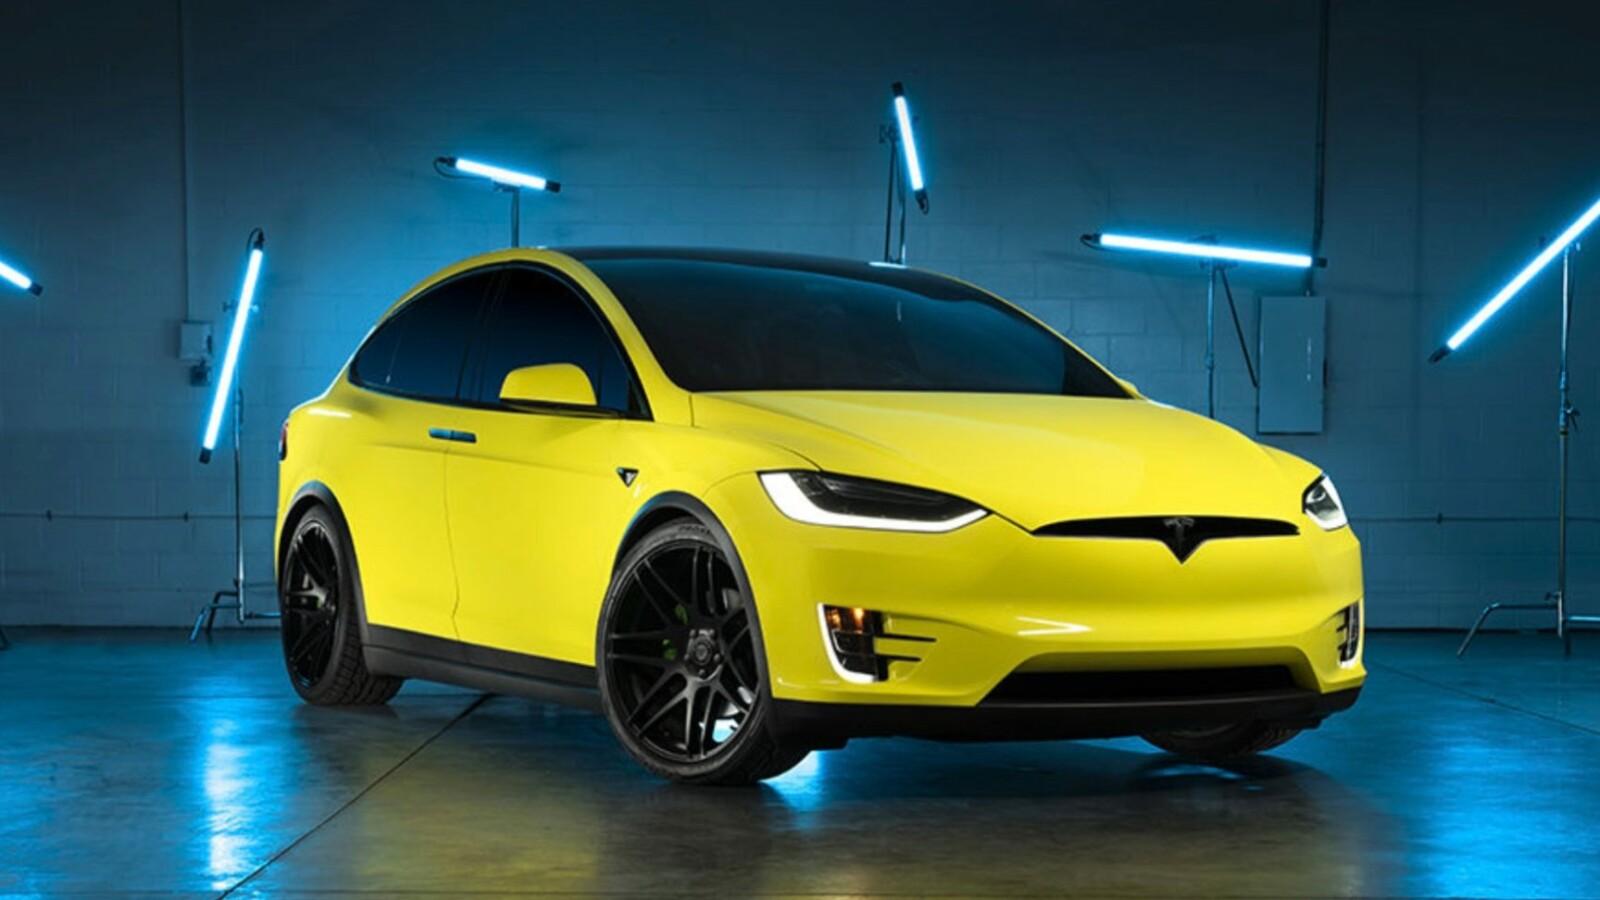 Tesla: Preiserhöhung für Model 3, Model S und Model X in Deutschland